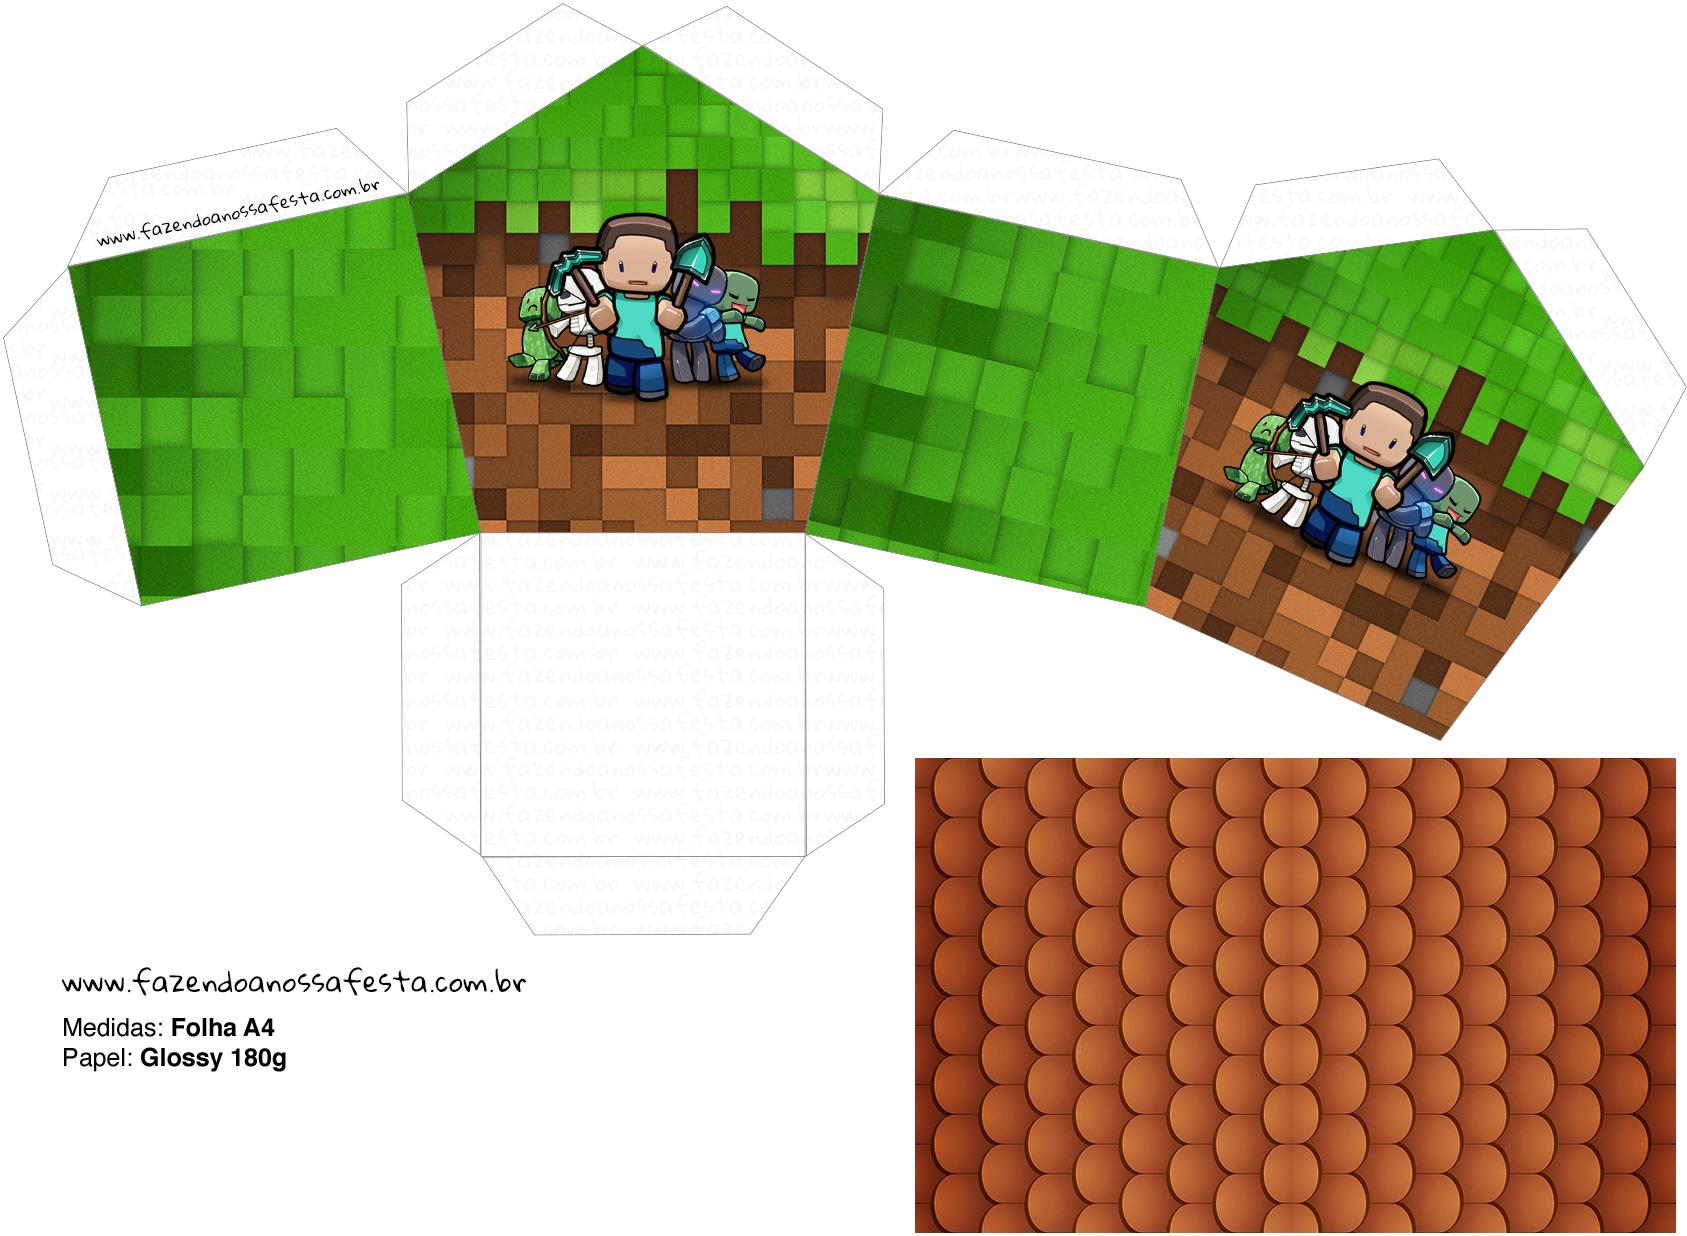 Letras Minegraft Fazendo A Nossa Festa: Molde Casinha Minecraft